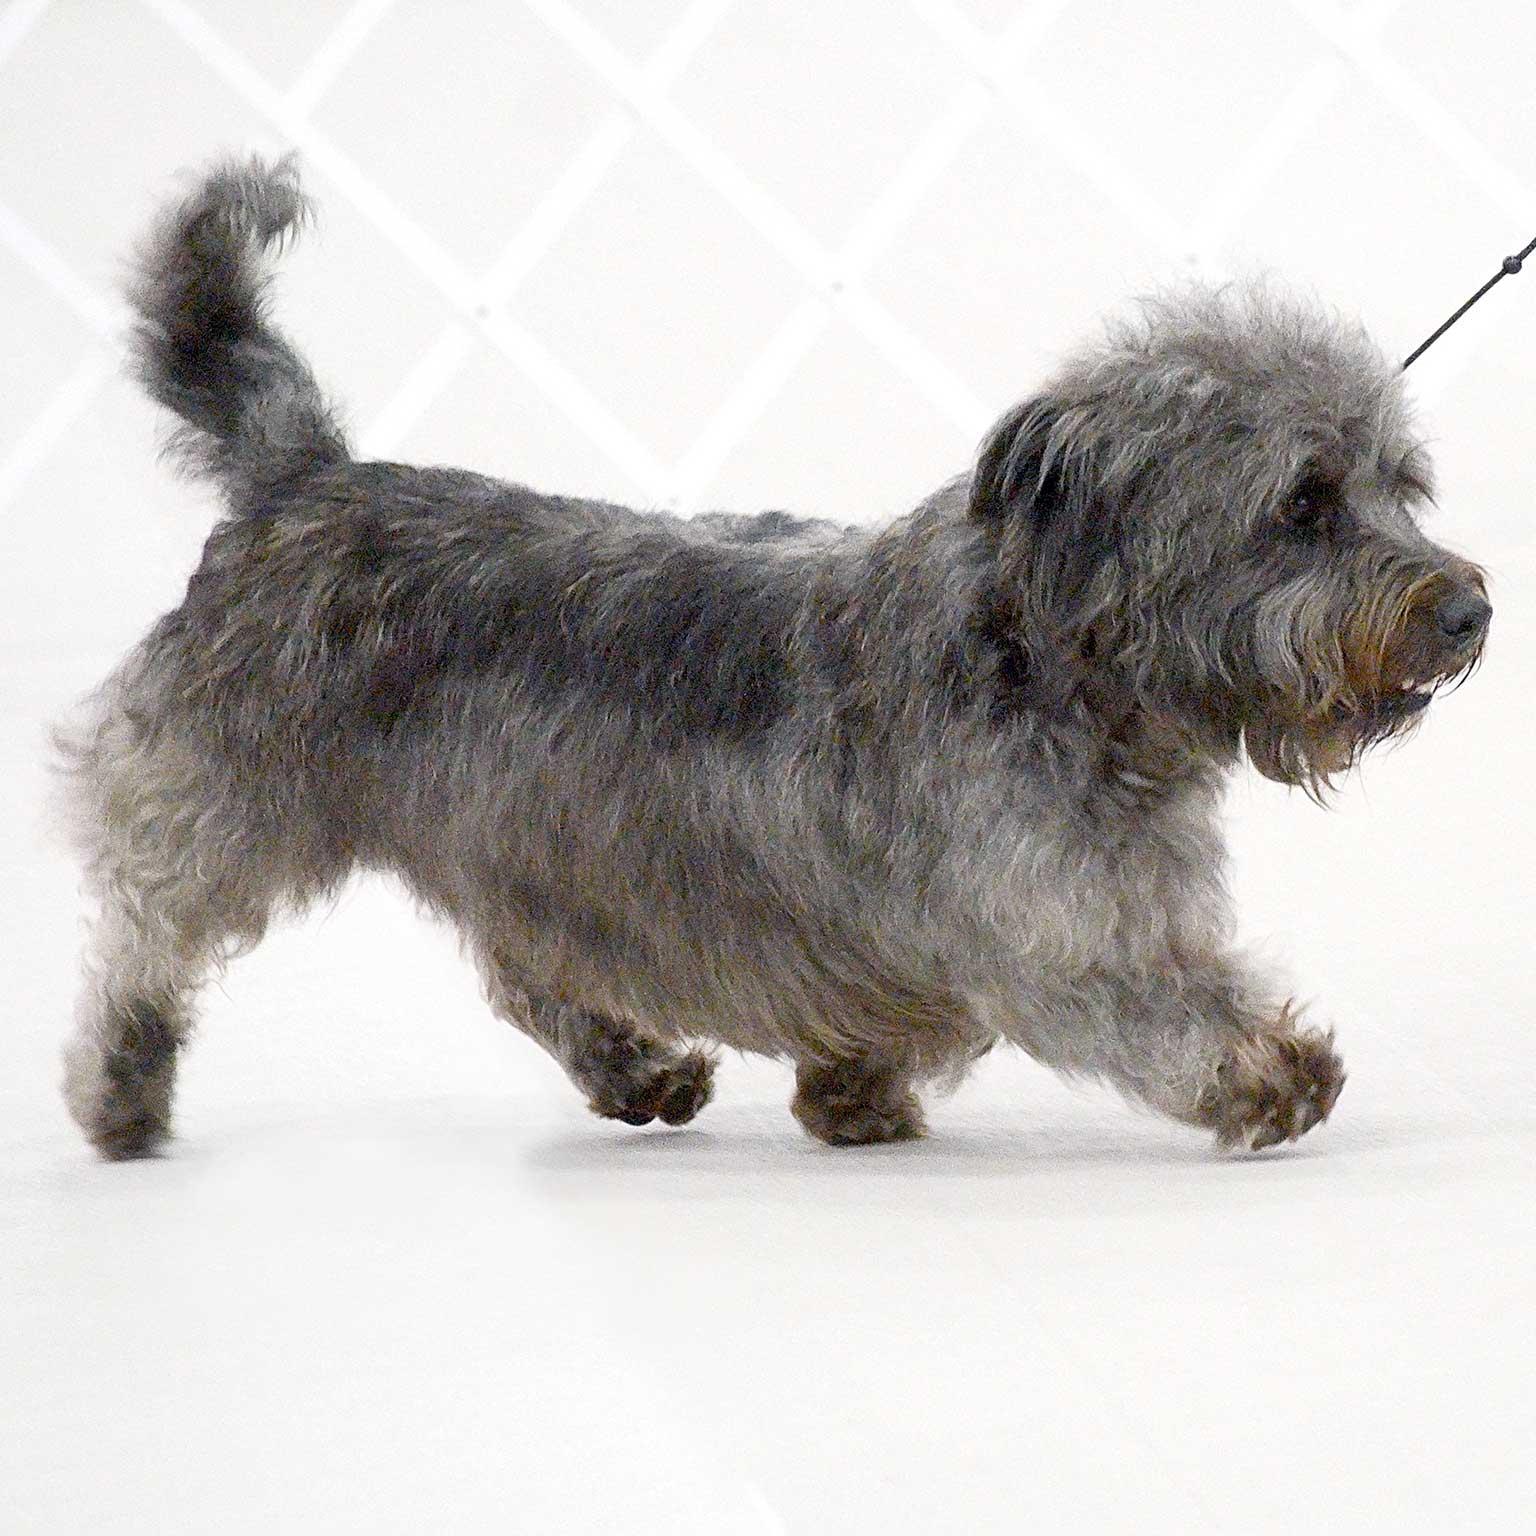 Глен оф имаал терьер: стандарт породы с фото собаки, особенности ухода и разведения